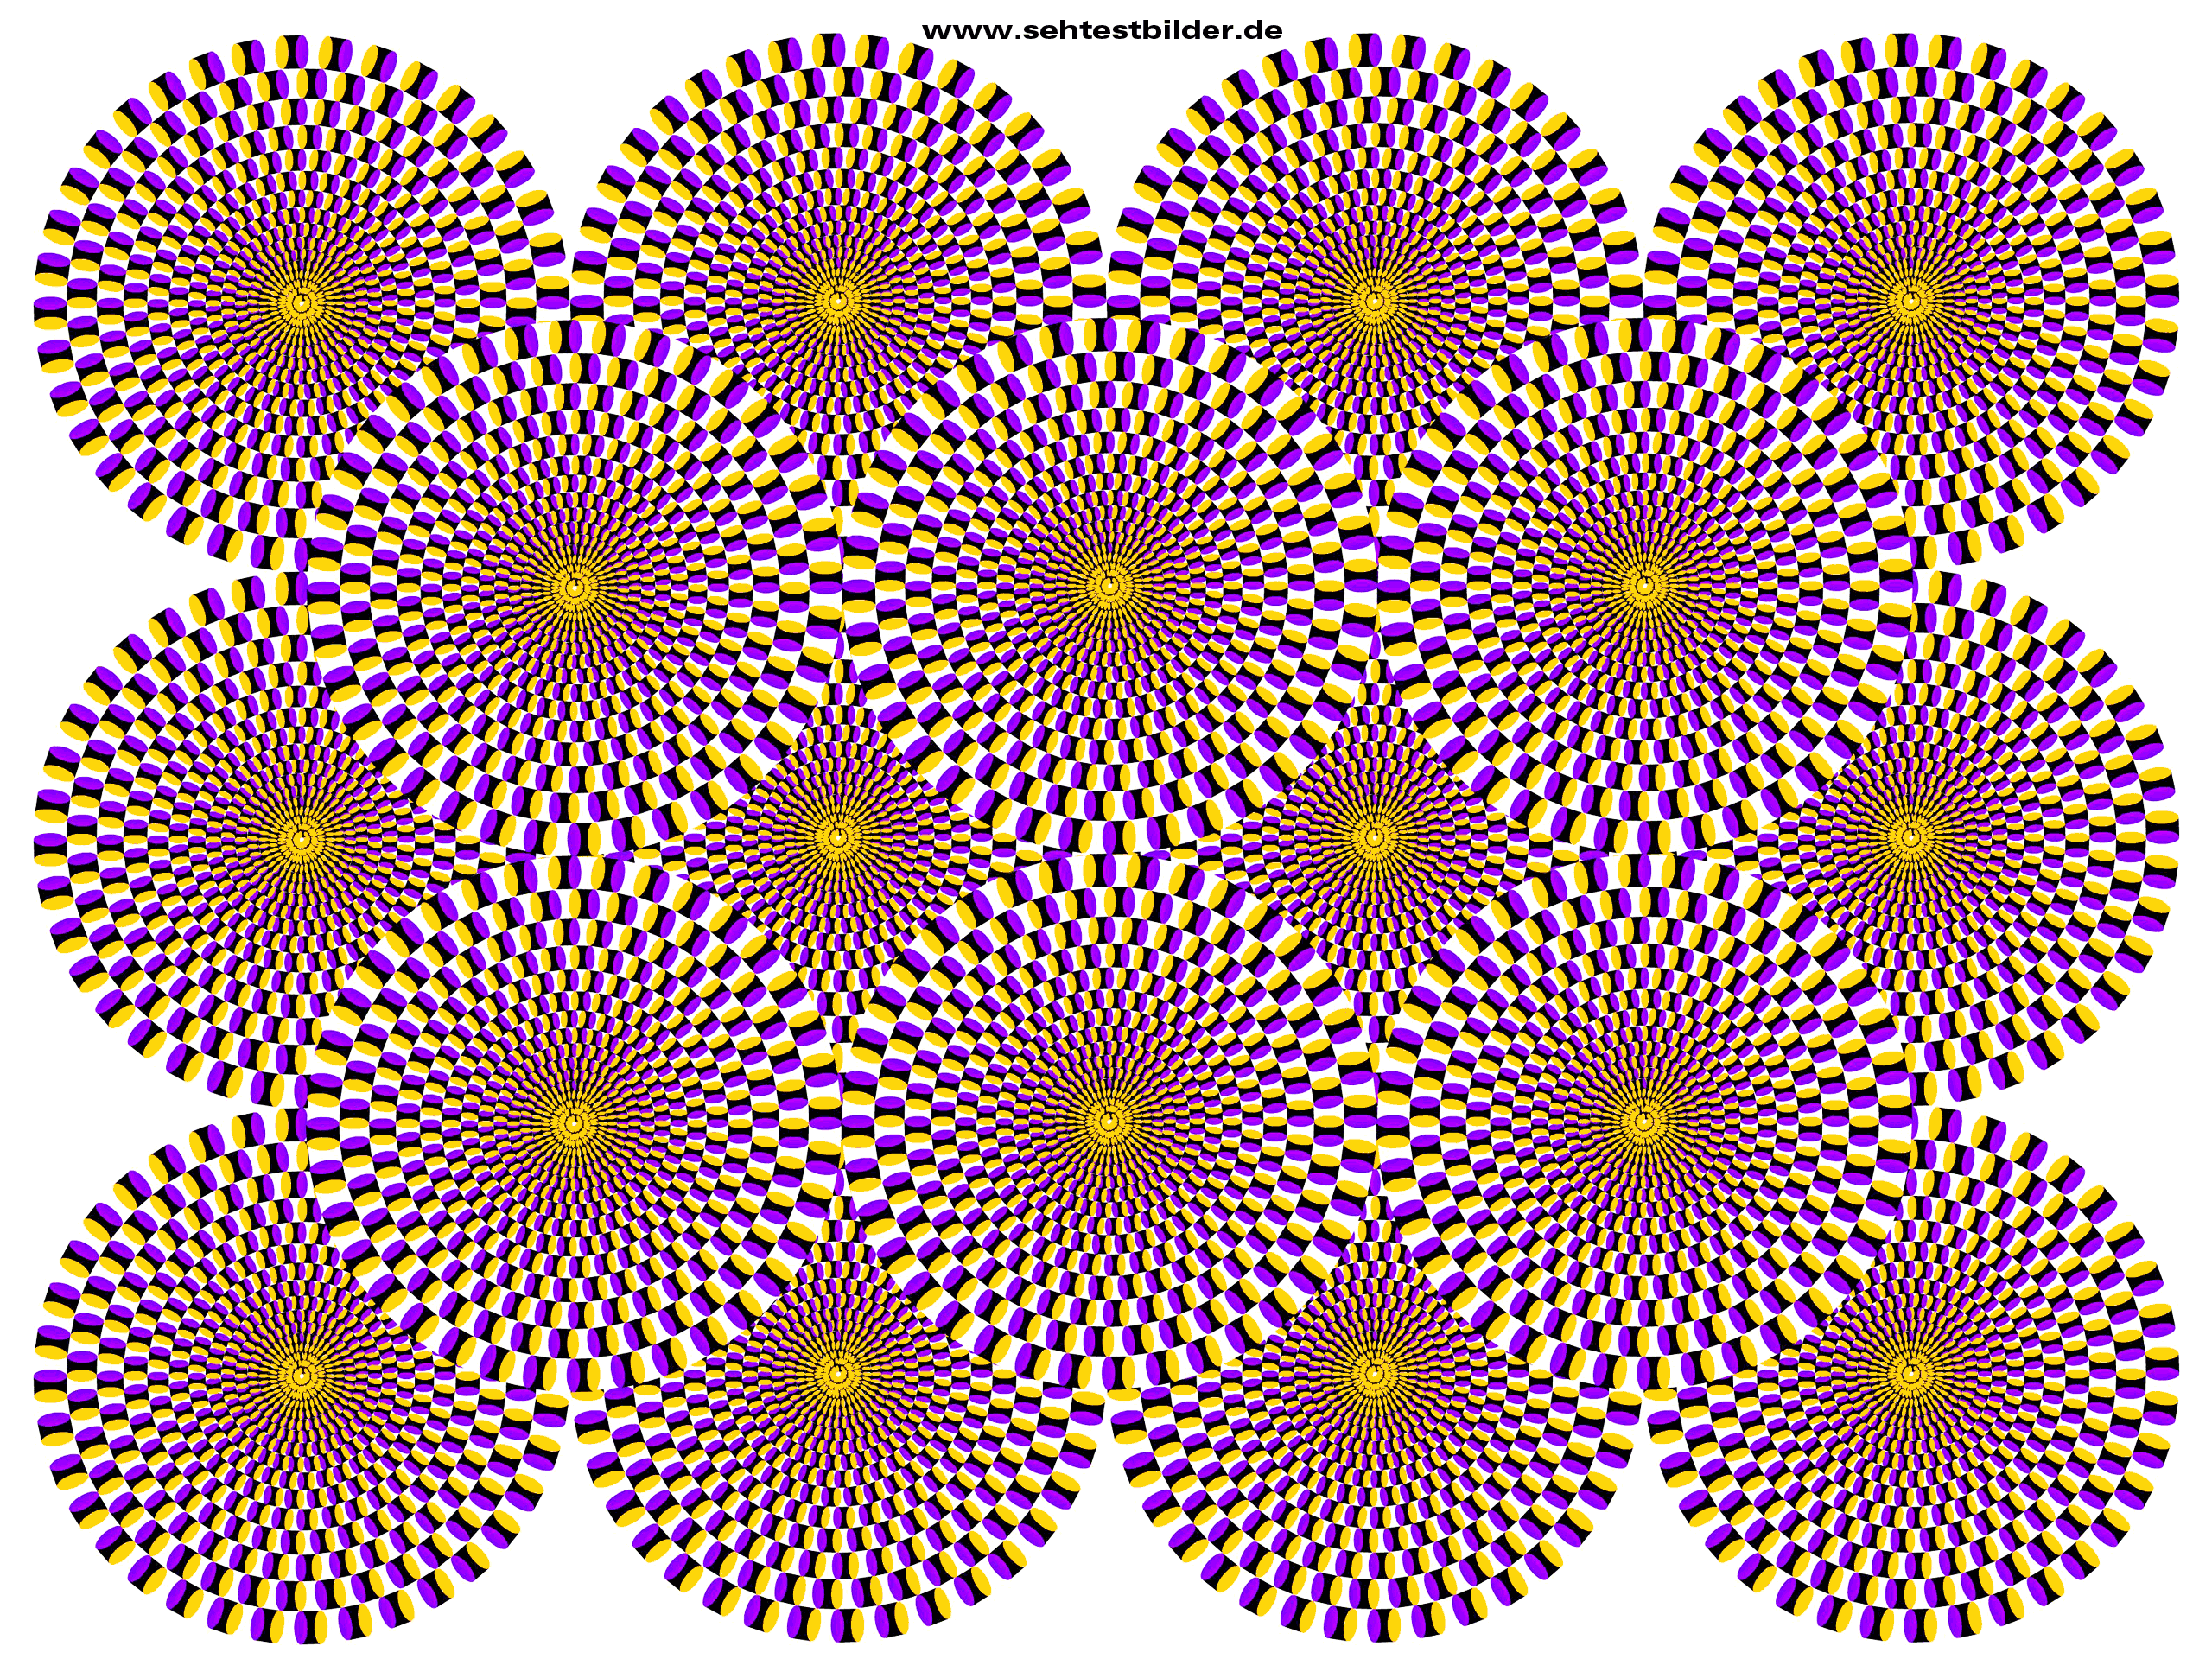 pin von leon diesel auf ideen rund ums kunst pinterest optische illusionen kreise und. Black Bedroom Furniture Sets. Home Design Ideas